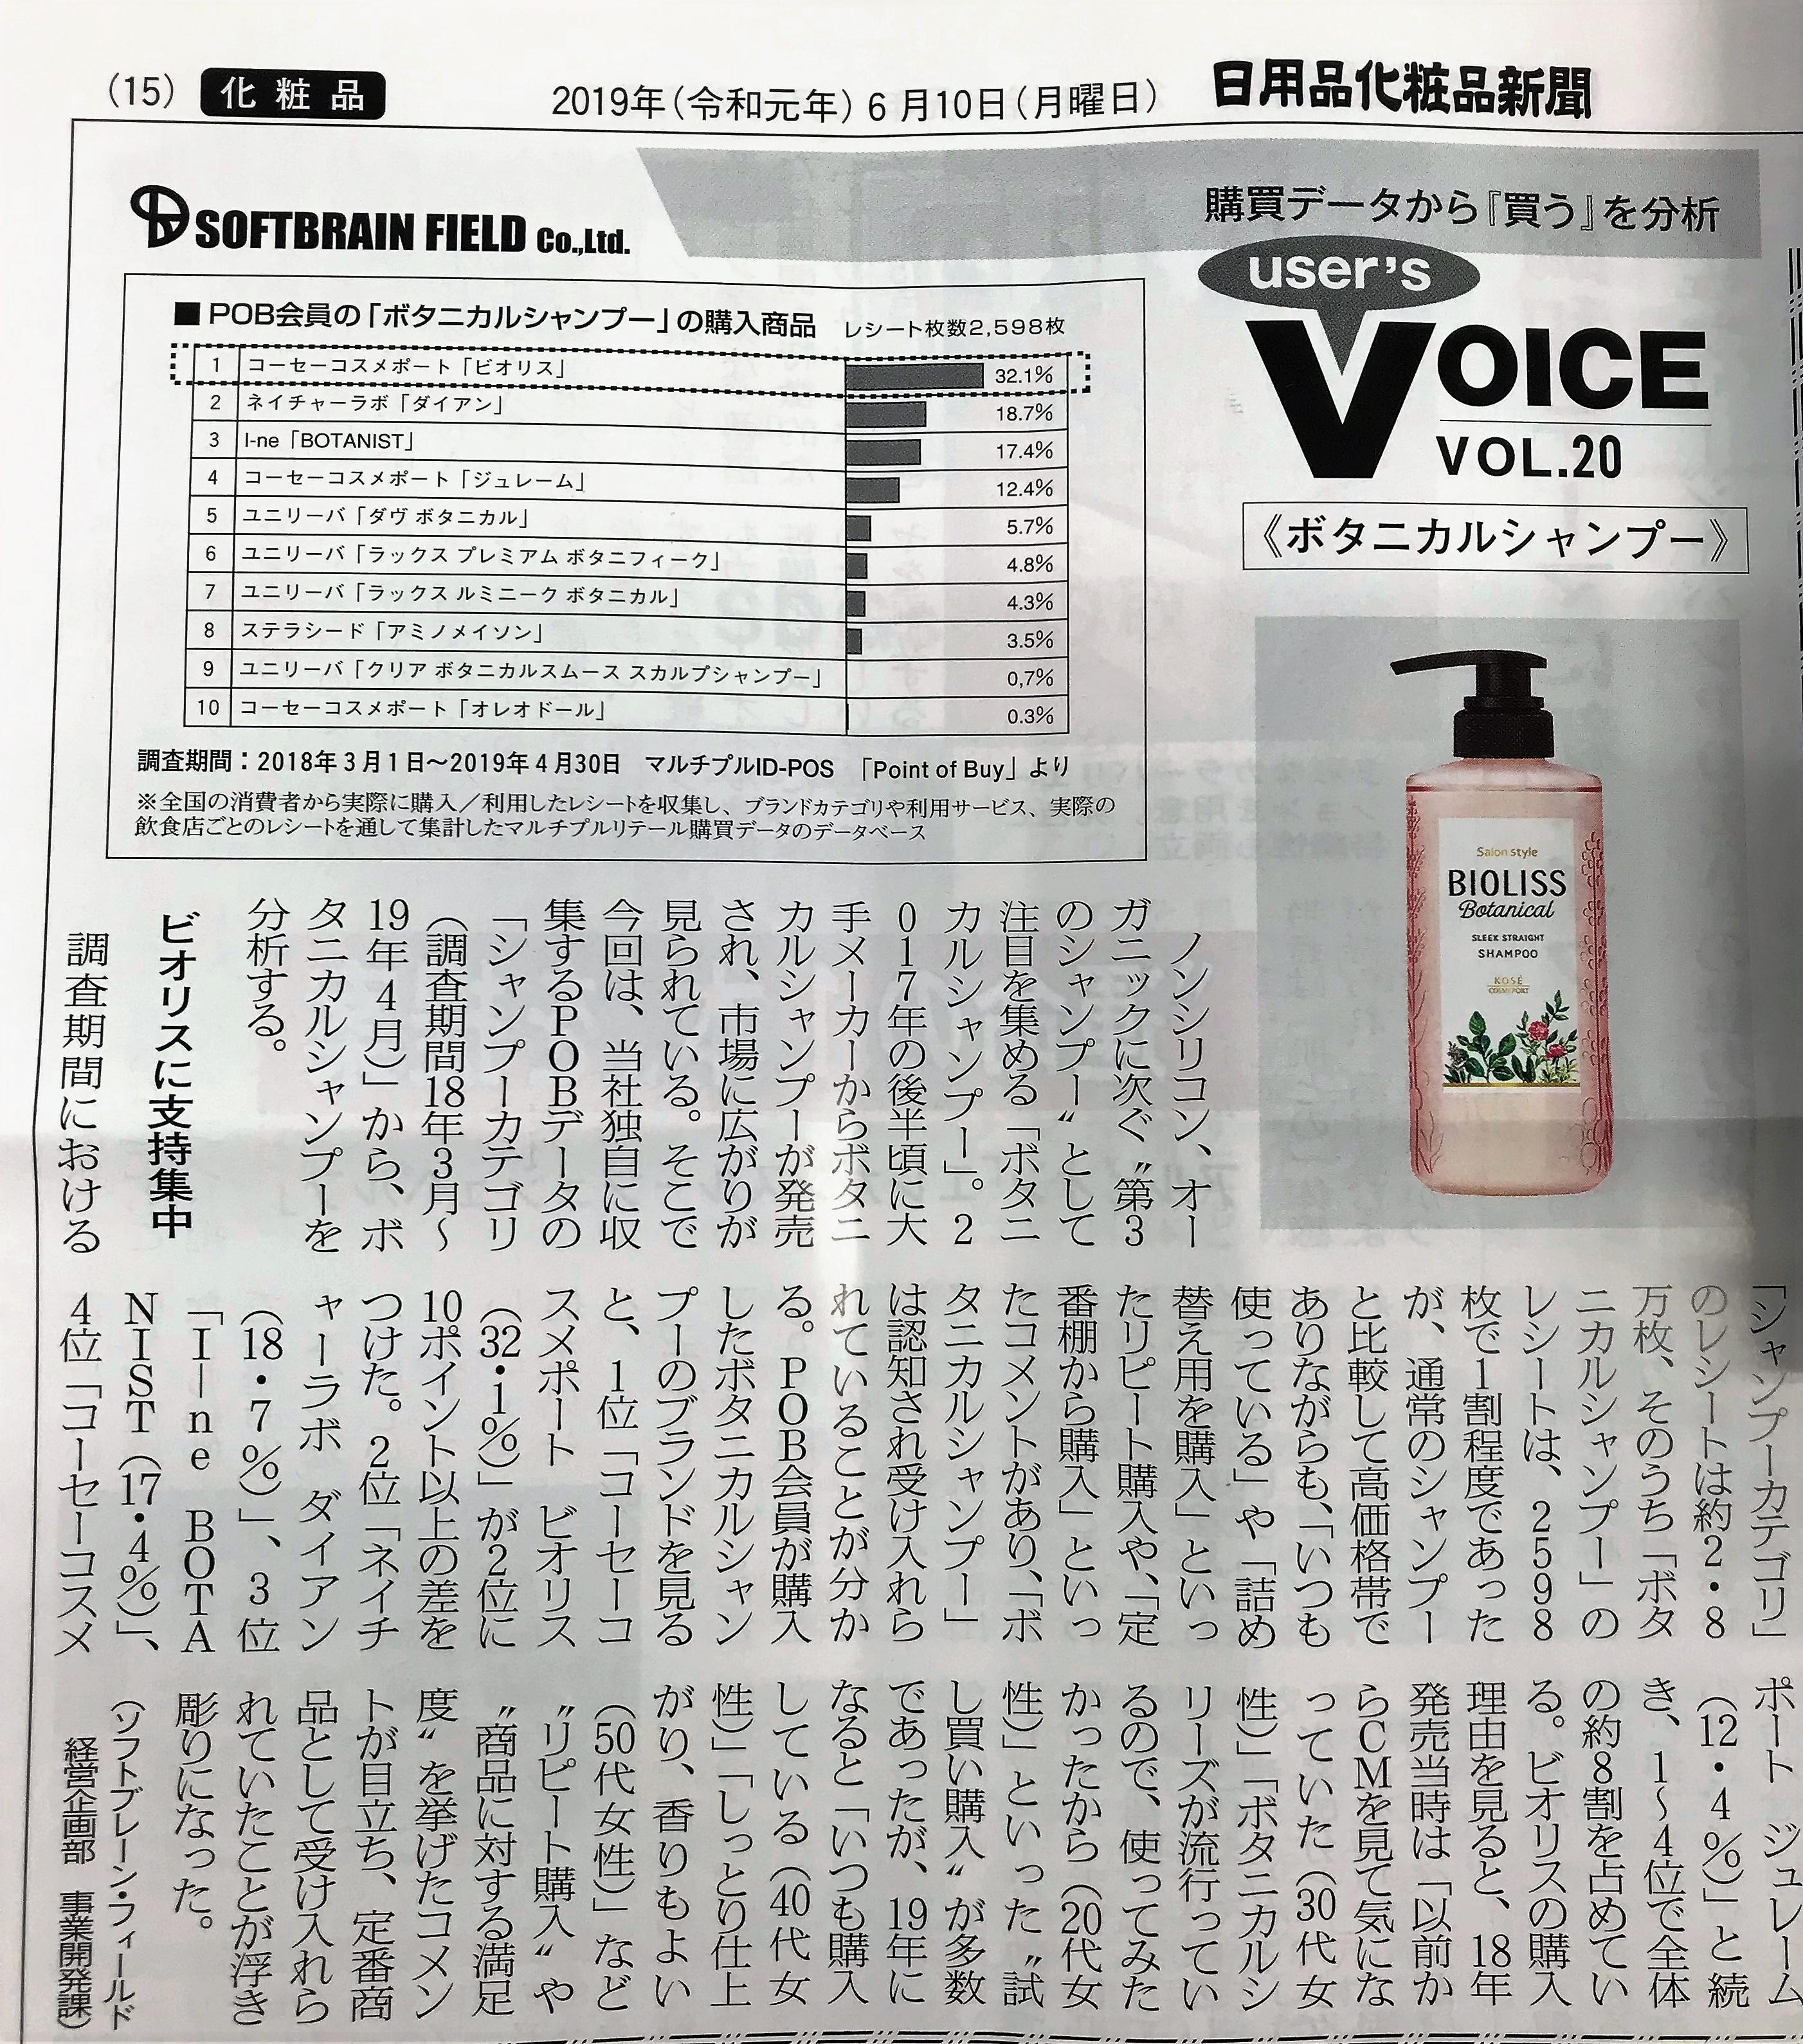 『日用品化粧品新聞(2019年6月10日号)』当社連載「User's VOICE Vol.20掲載_ボタニカルシャンプー」